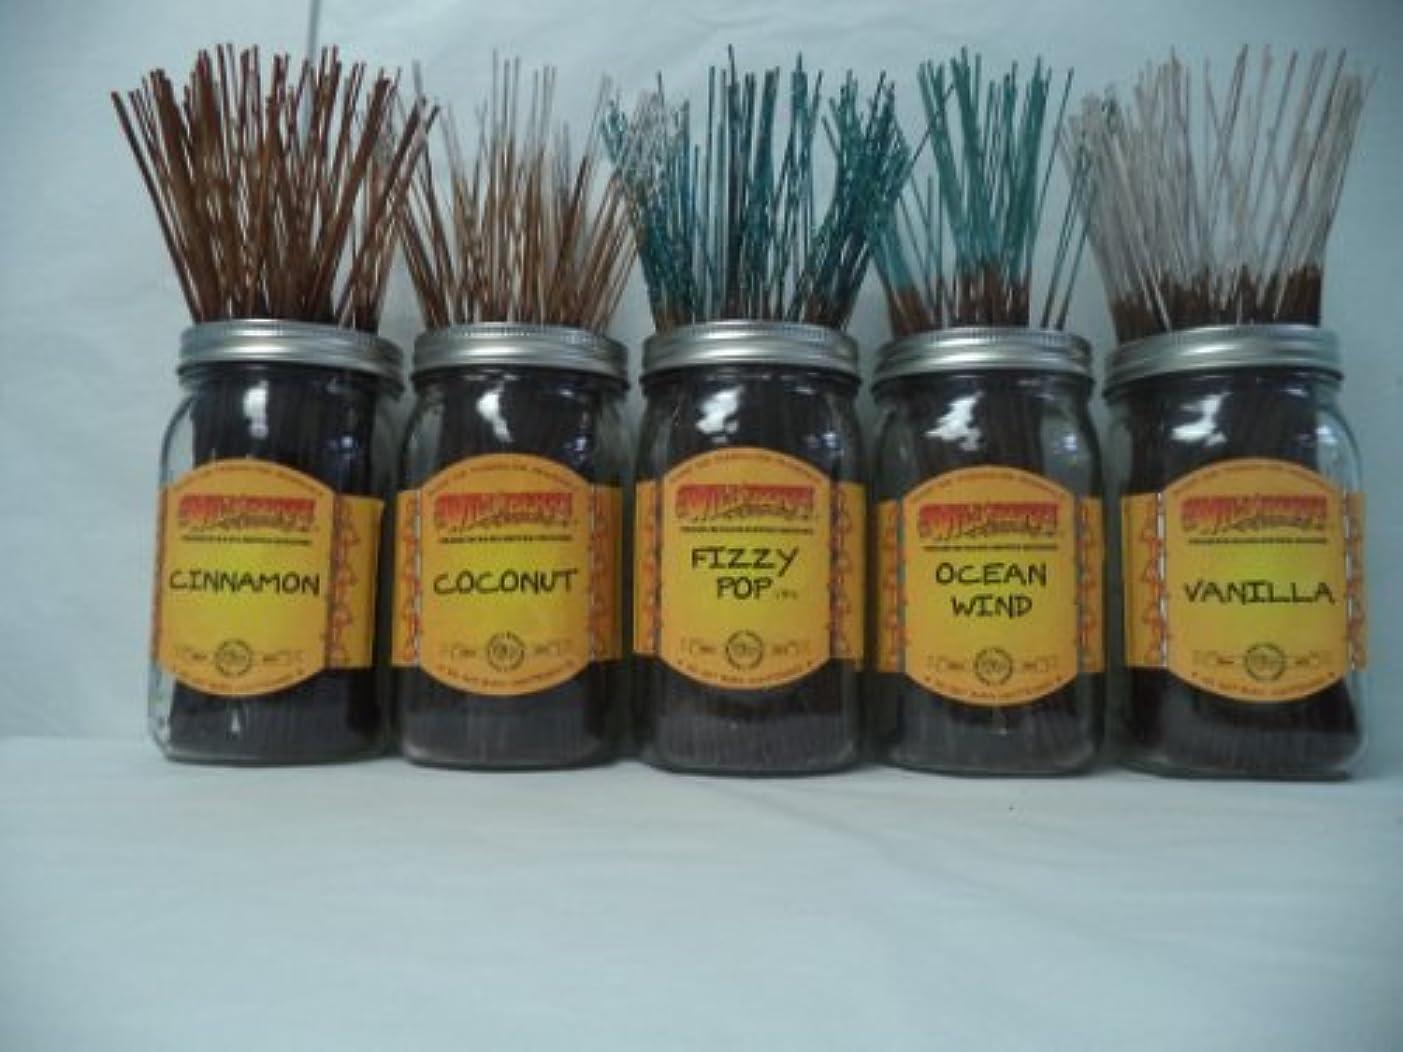 発信北東ペリスコープWildberry Incense Sticks Best Sellerセット# 4 : 10 Sticks各5の香り、合計50 Sticks 。